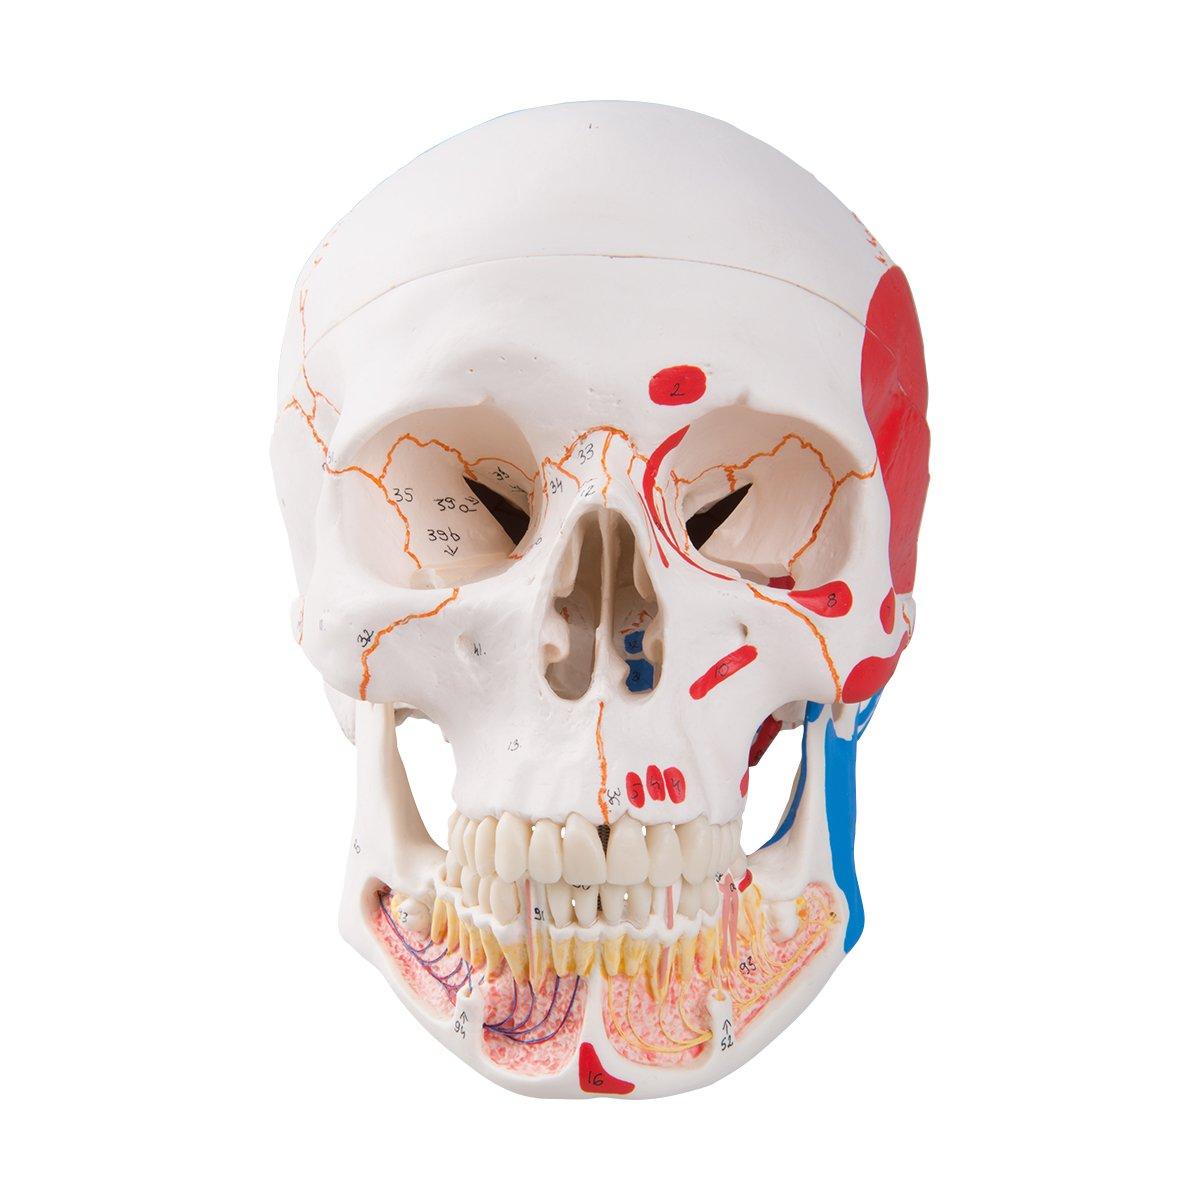 【年間ランキング6年連続受賞】 頭蓋,下顎開放筋色表示,3分解モデル   B001DYQCT0, ユニオンスポーツ:ef5af7d7 --- a0267596.xsph.ru